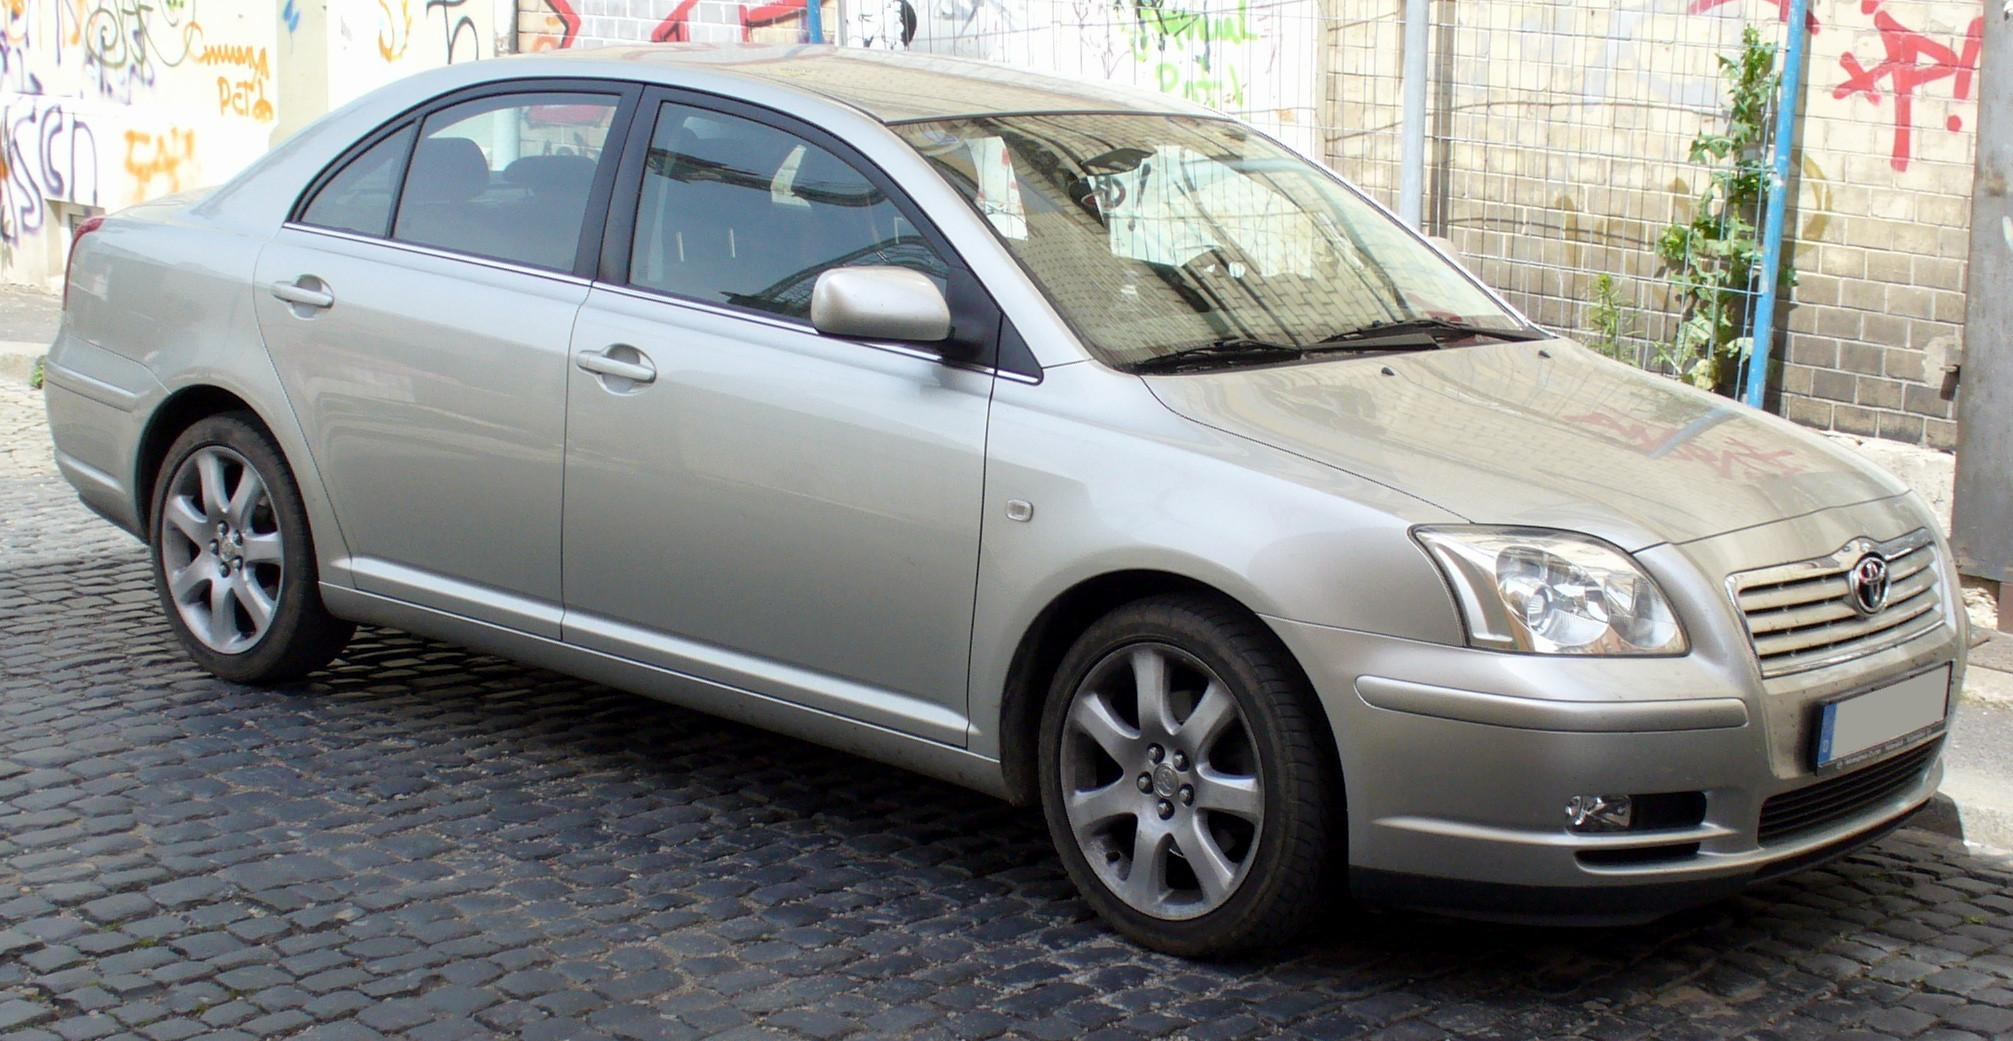 Отзывы о Toyota Avensis (Тойота Авенсис) от владельцев ...